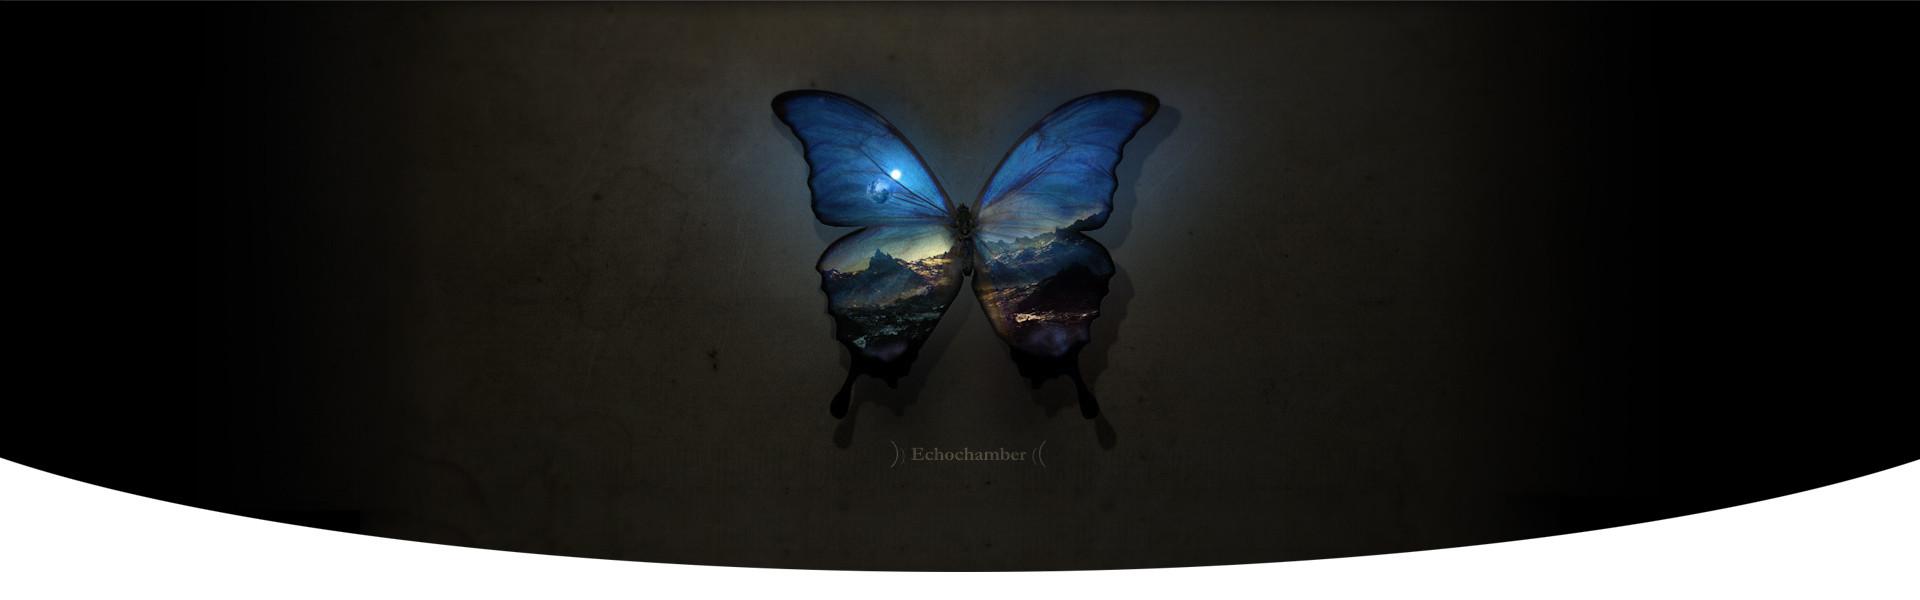 Die Nacht - Echochamber